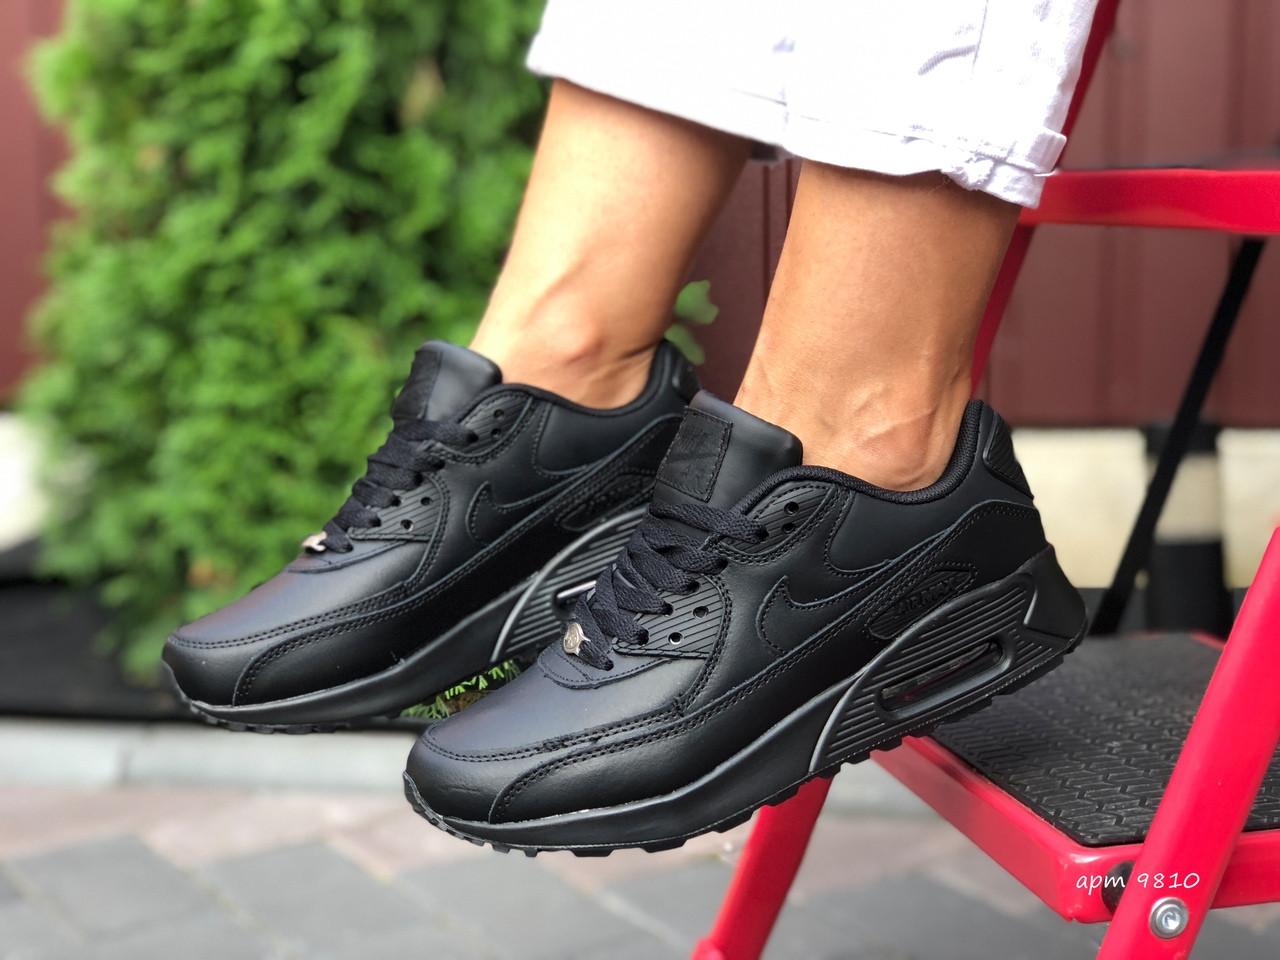 Жіночі кросівки Nike Air Max 90 (чорні) 9810